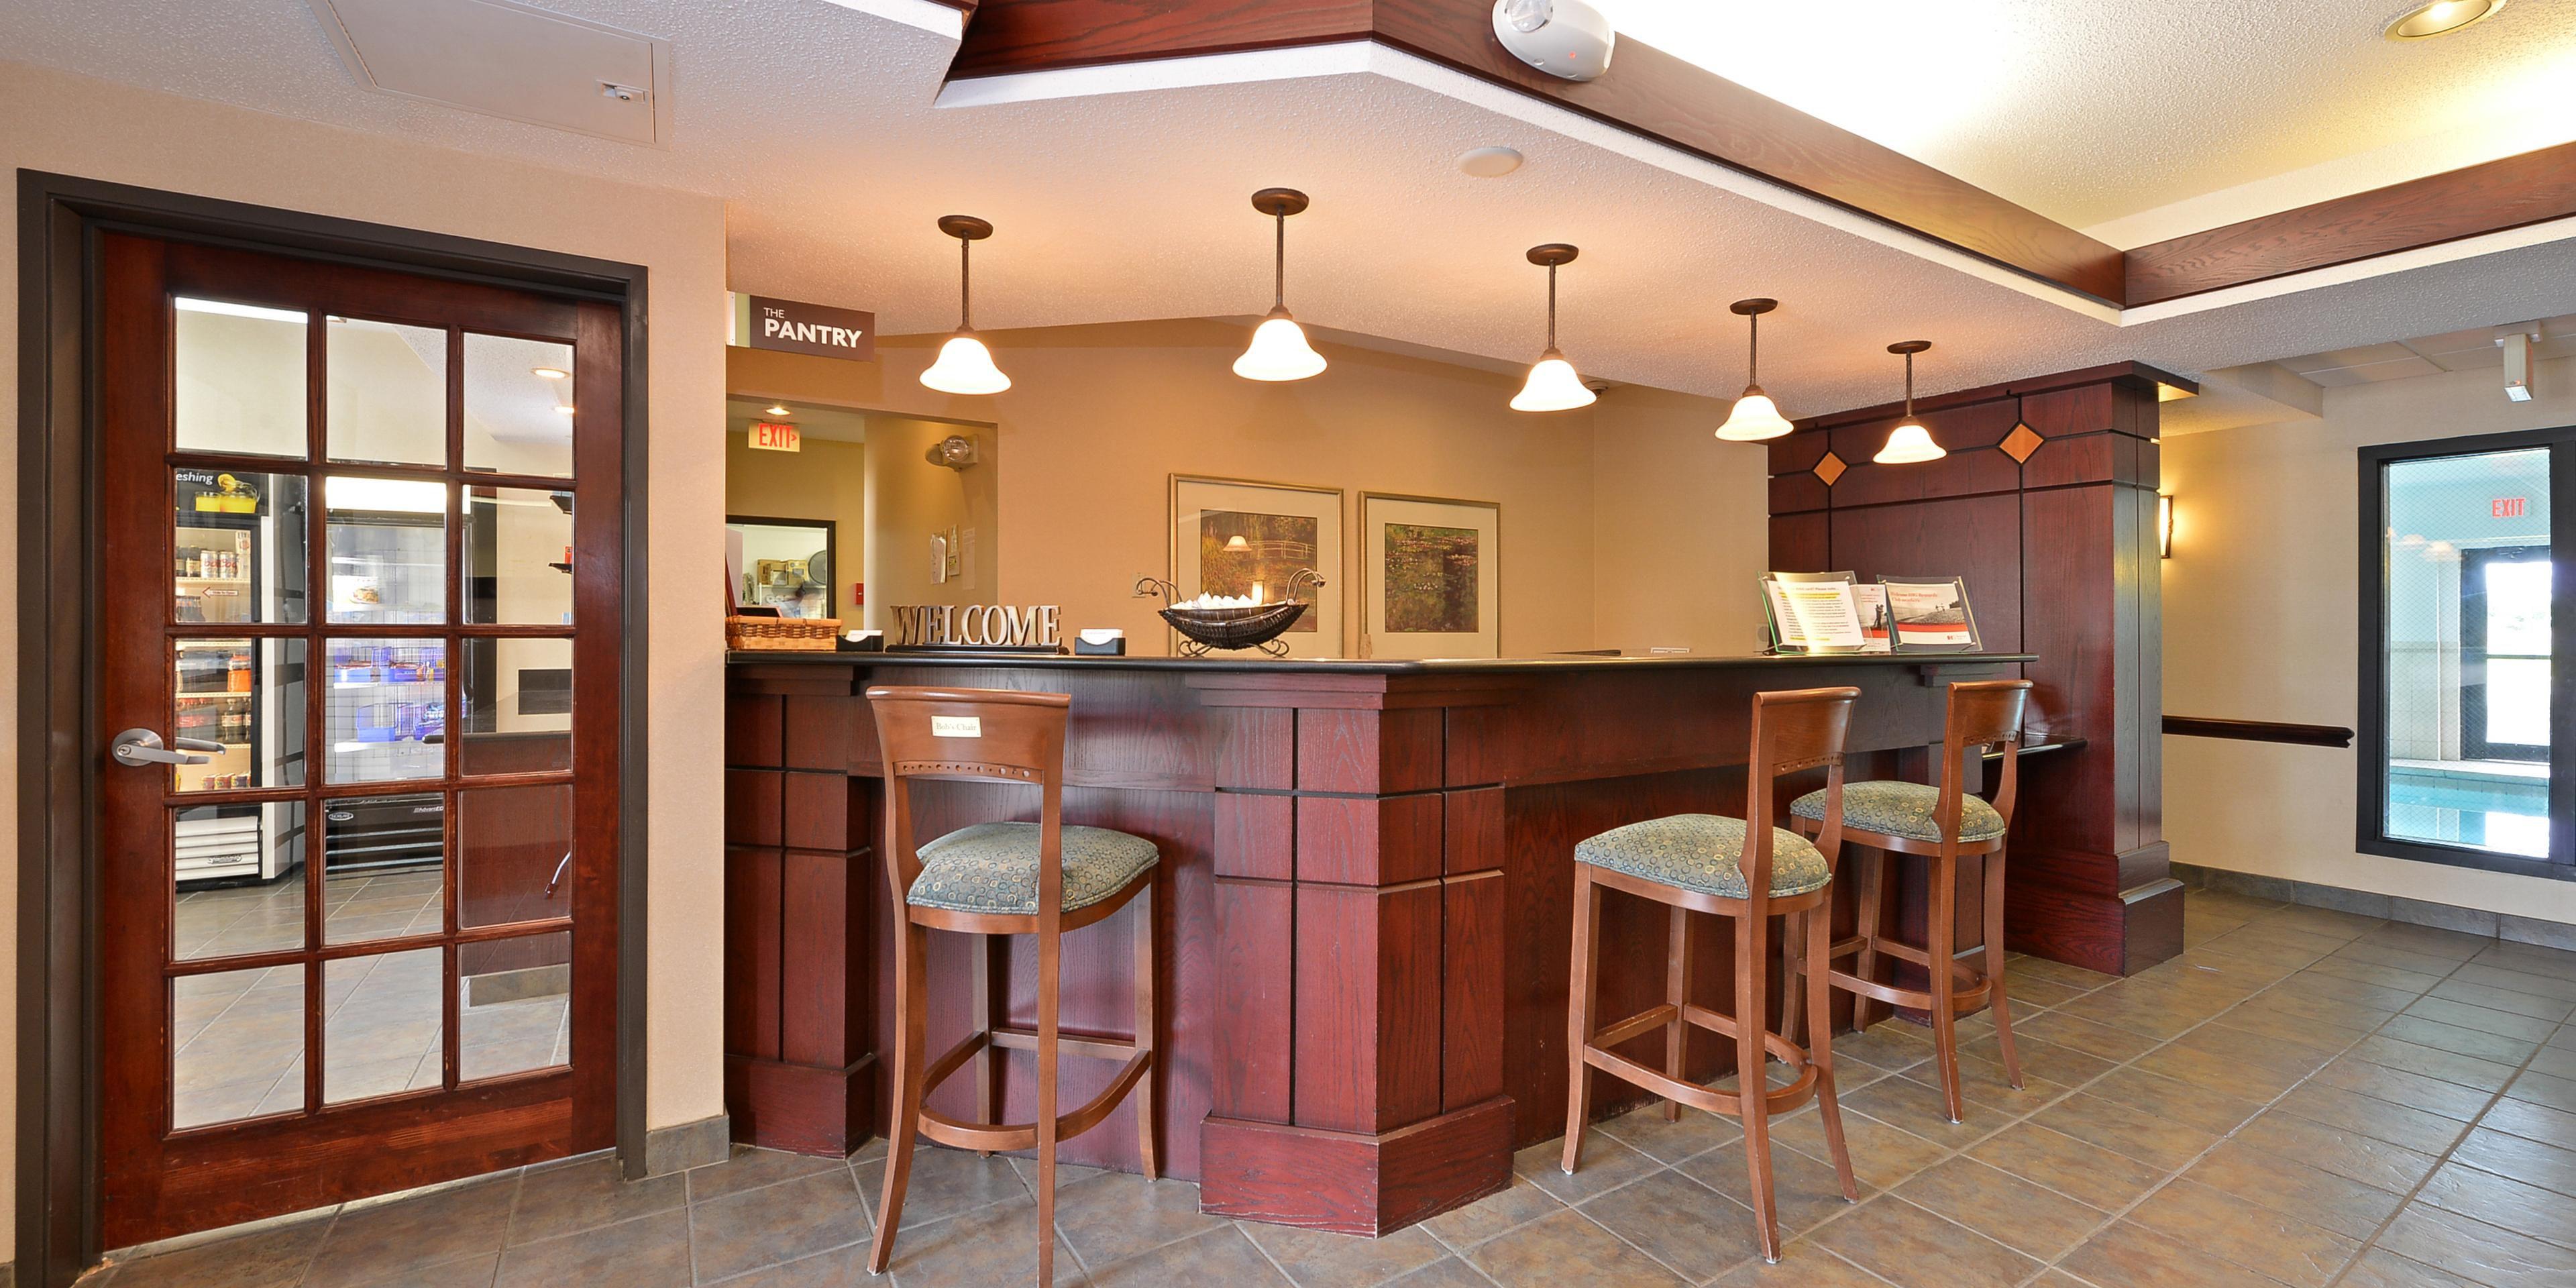 Furniture Source Des Moines #23: Front Desk Photo